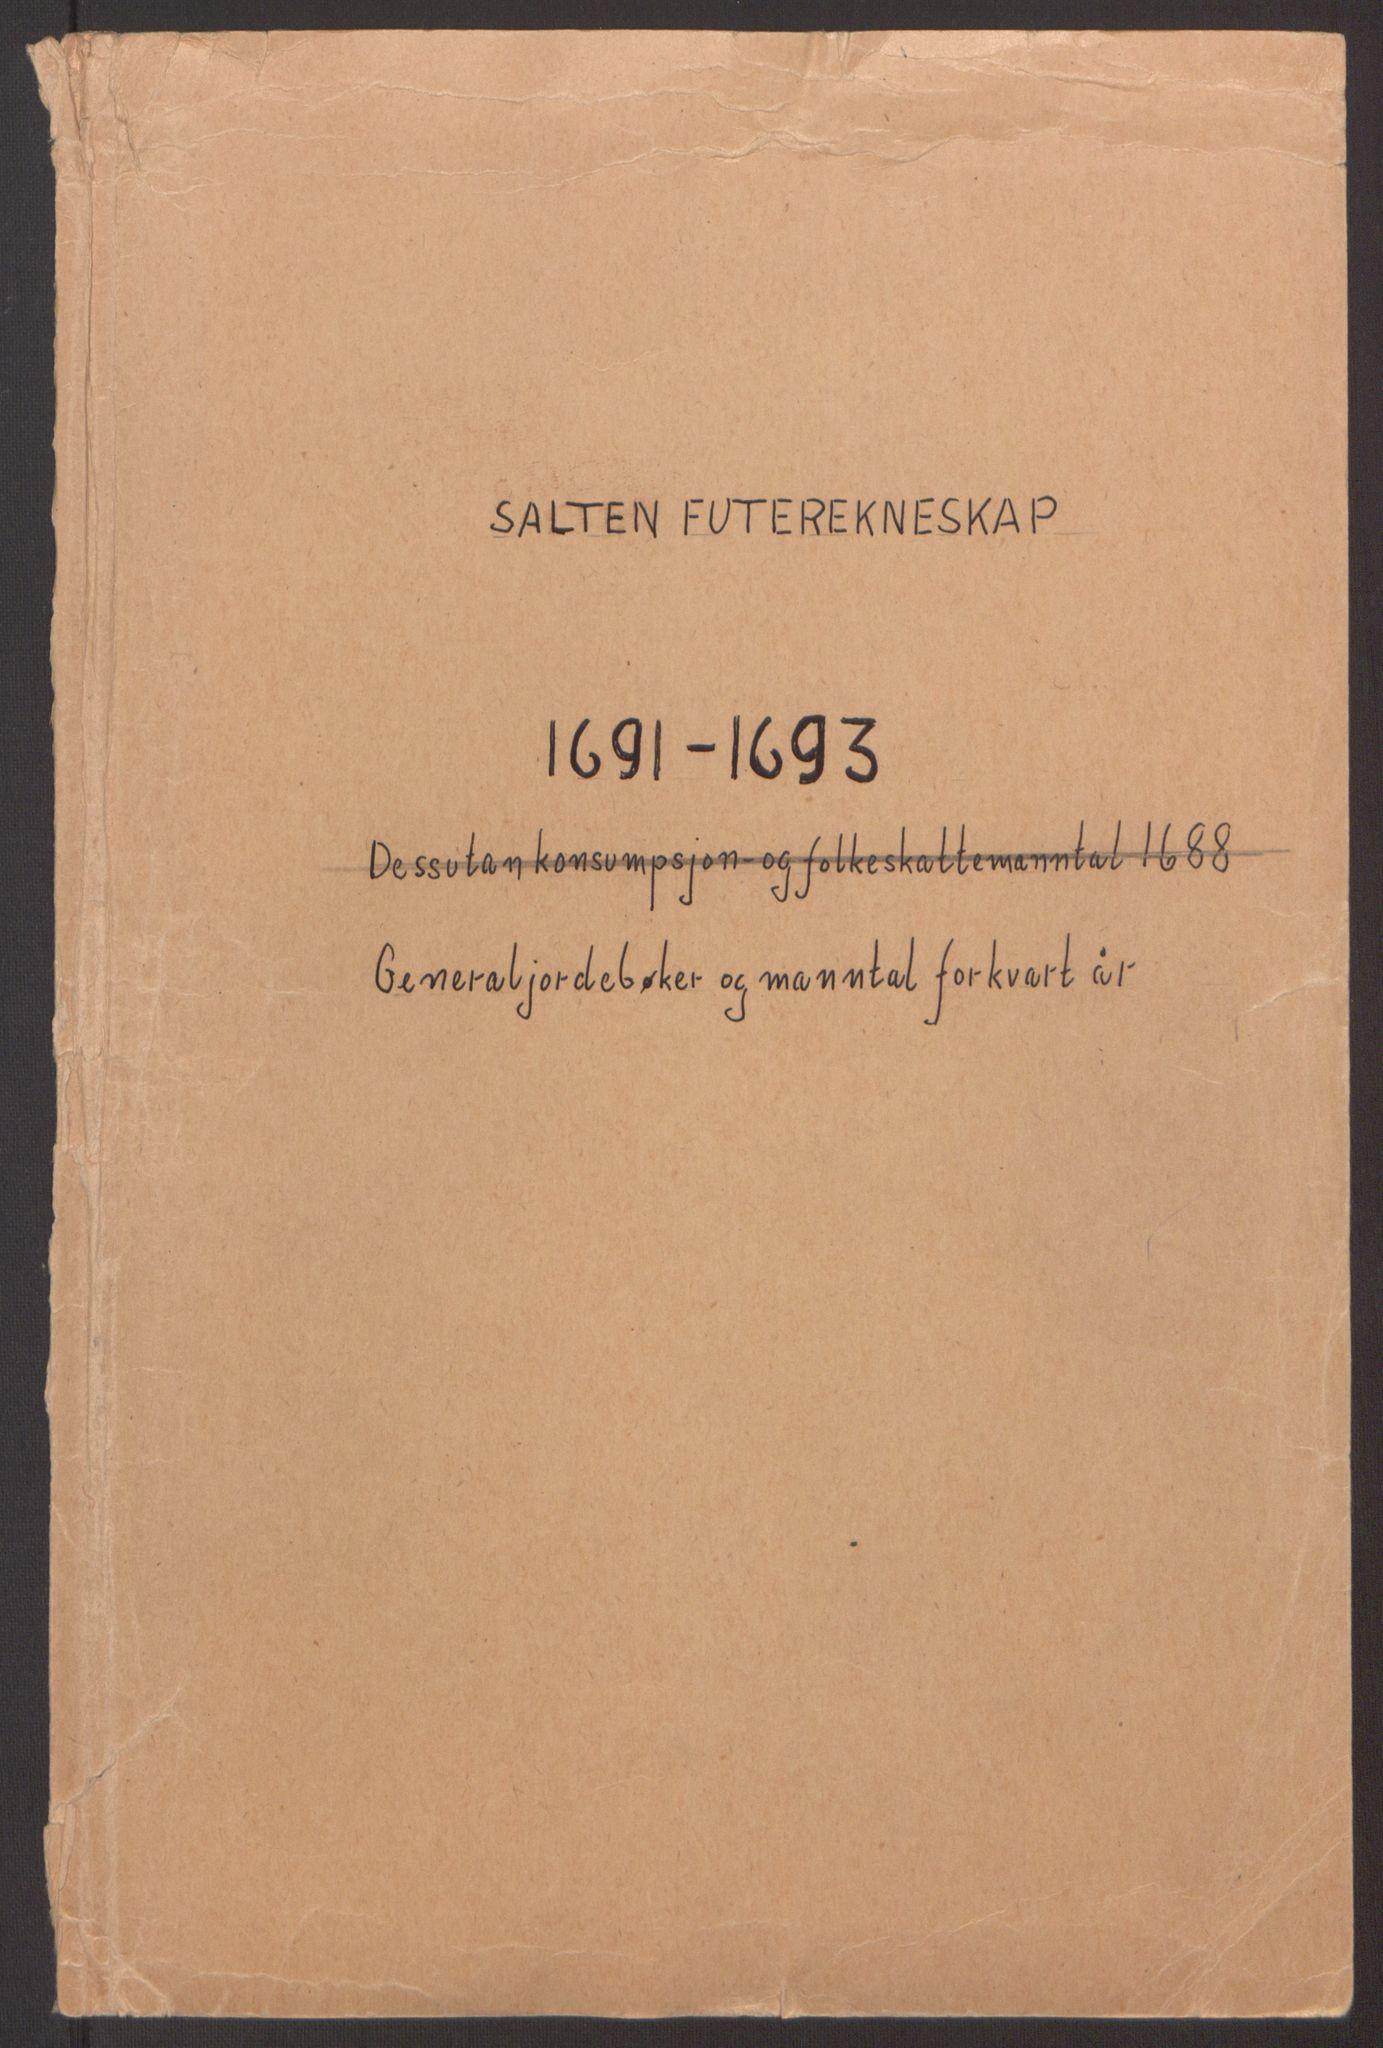 RA, Rentekammeret inntil 1814, Reviderte regnskaper, Fogderegnskap, R66/L4577: Fogderegnskap Salten, 1691-1693, s. 2